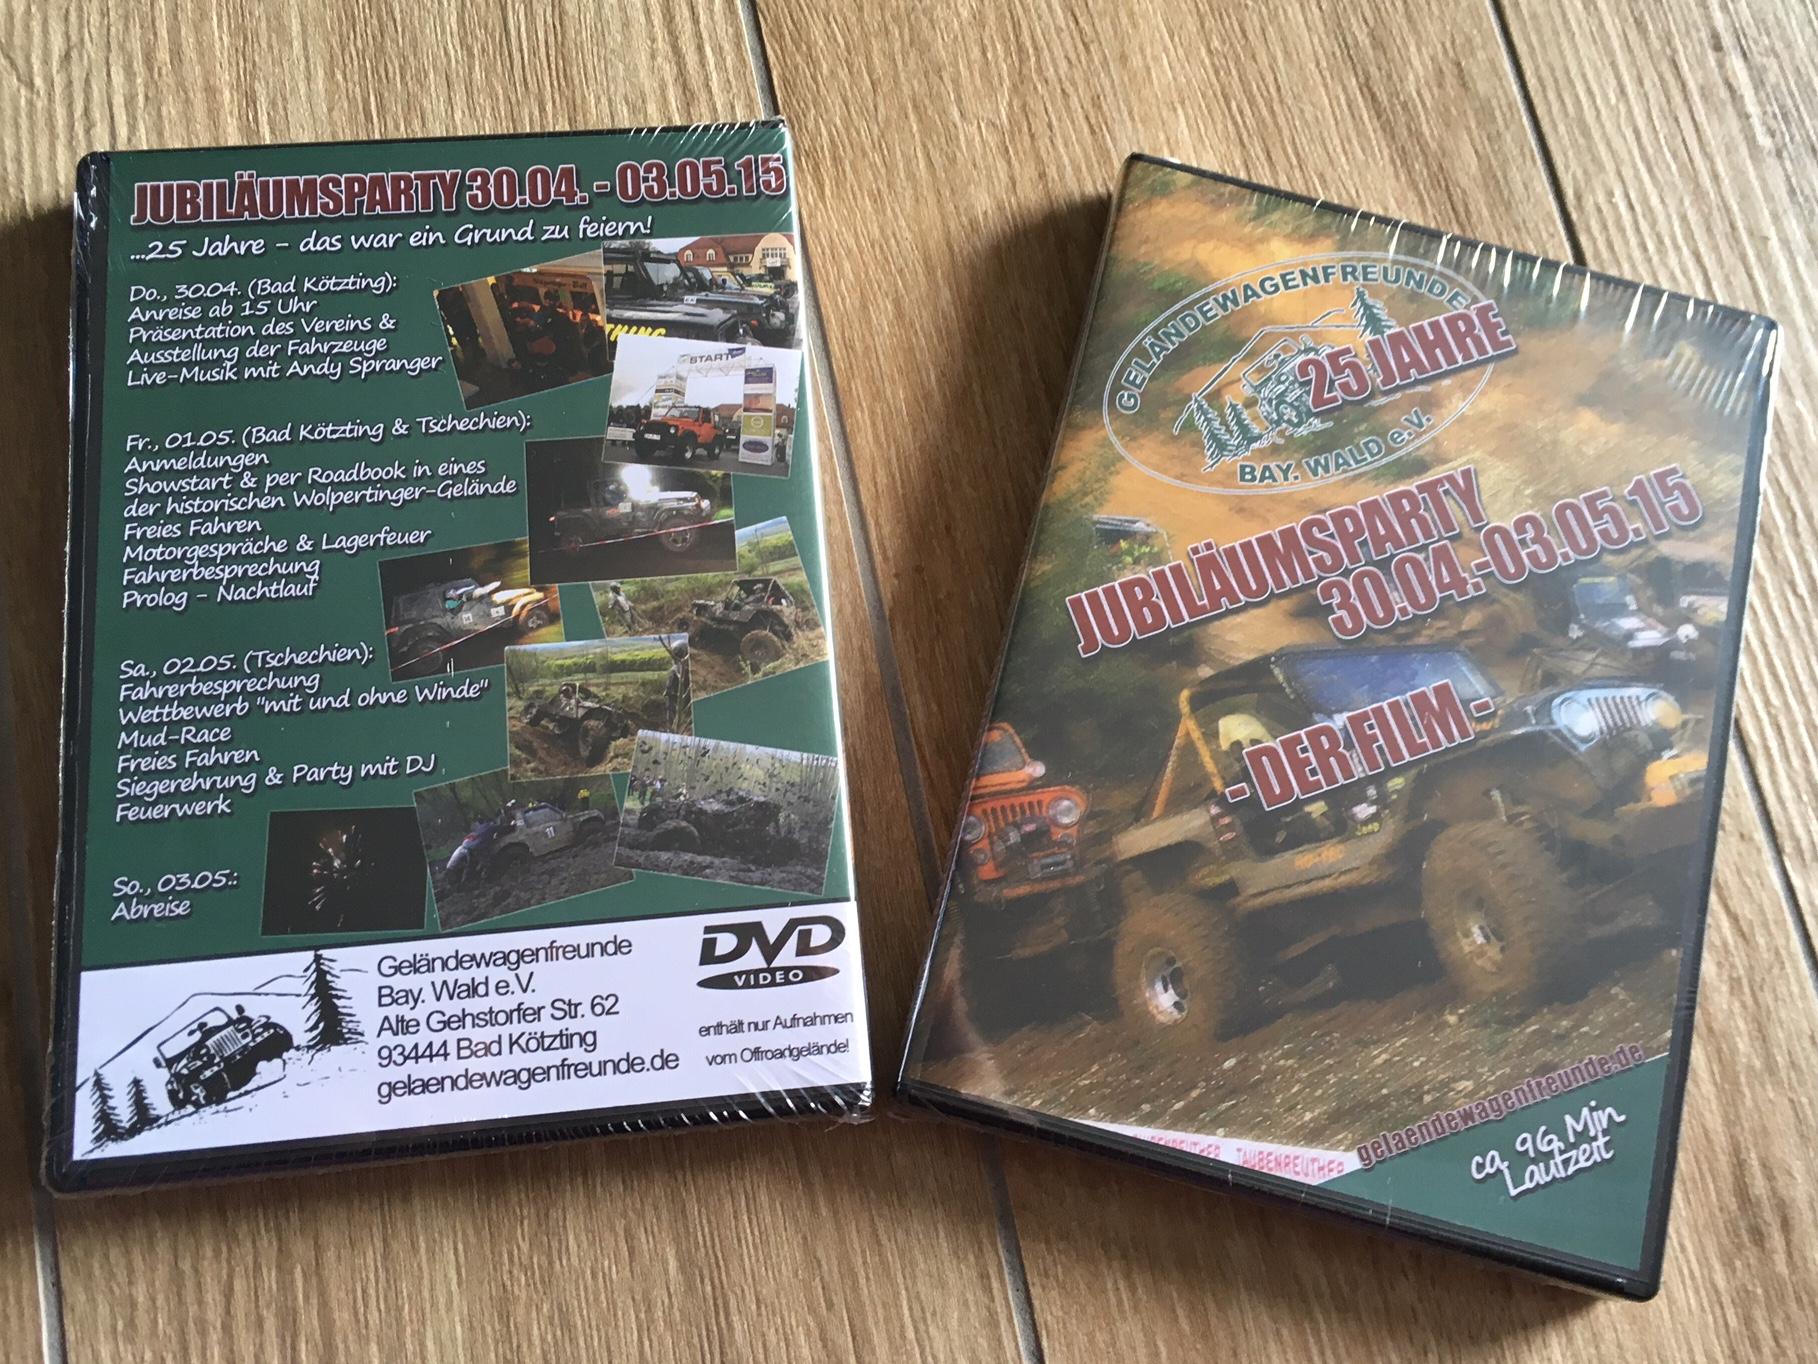 DVD von unserem Jubiläum - nur 10€